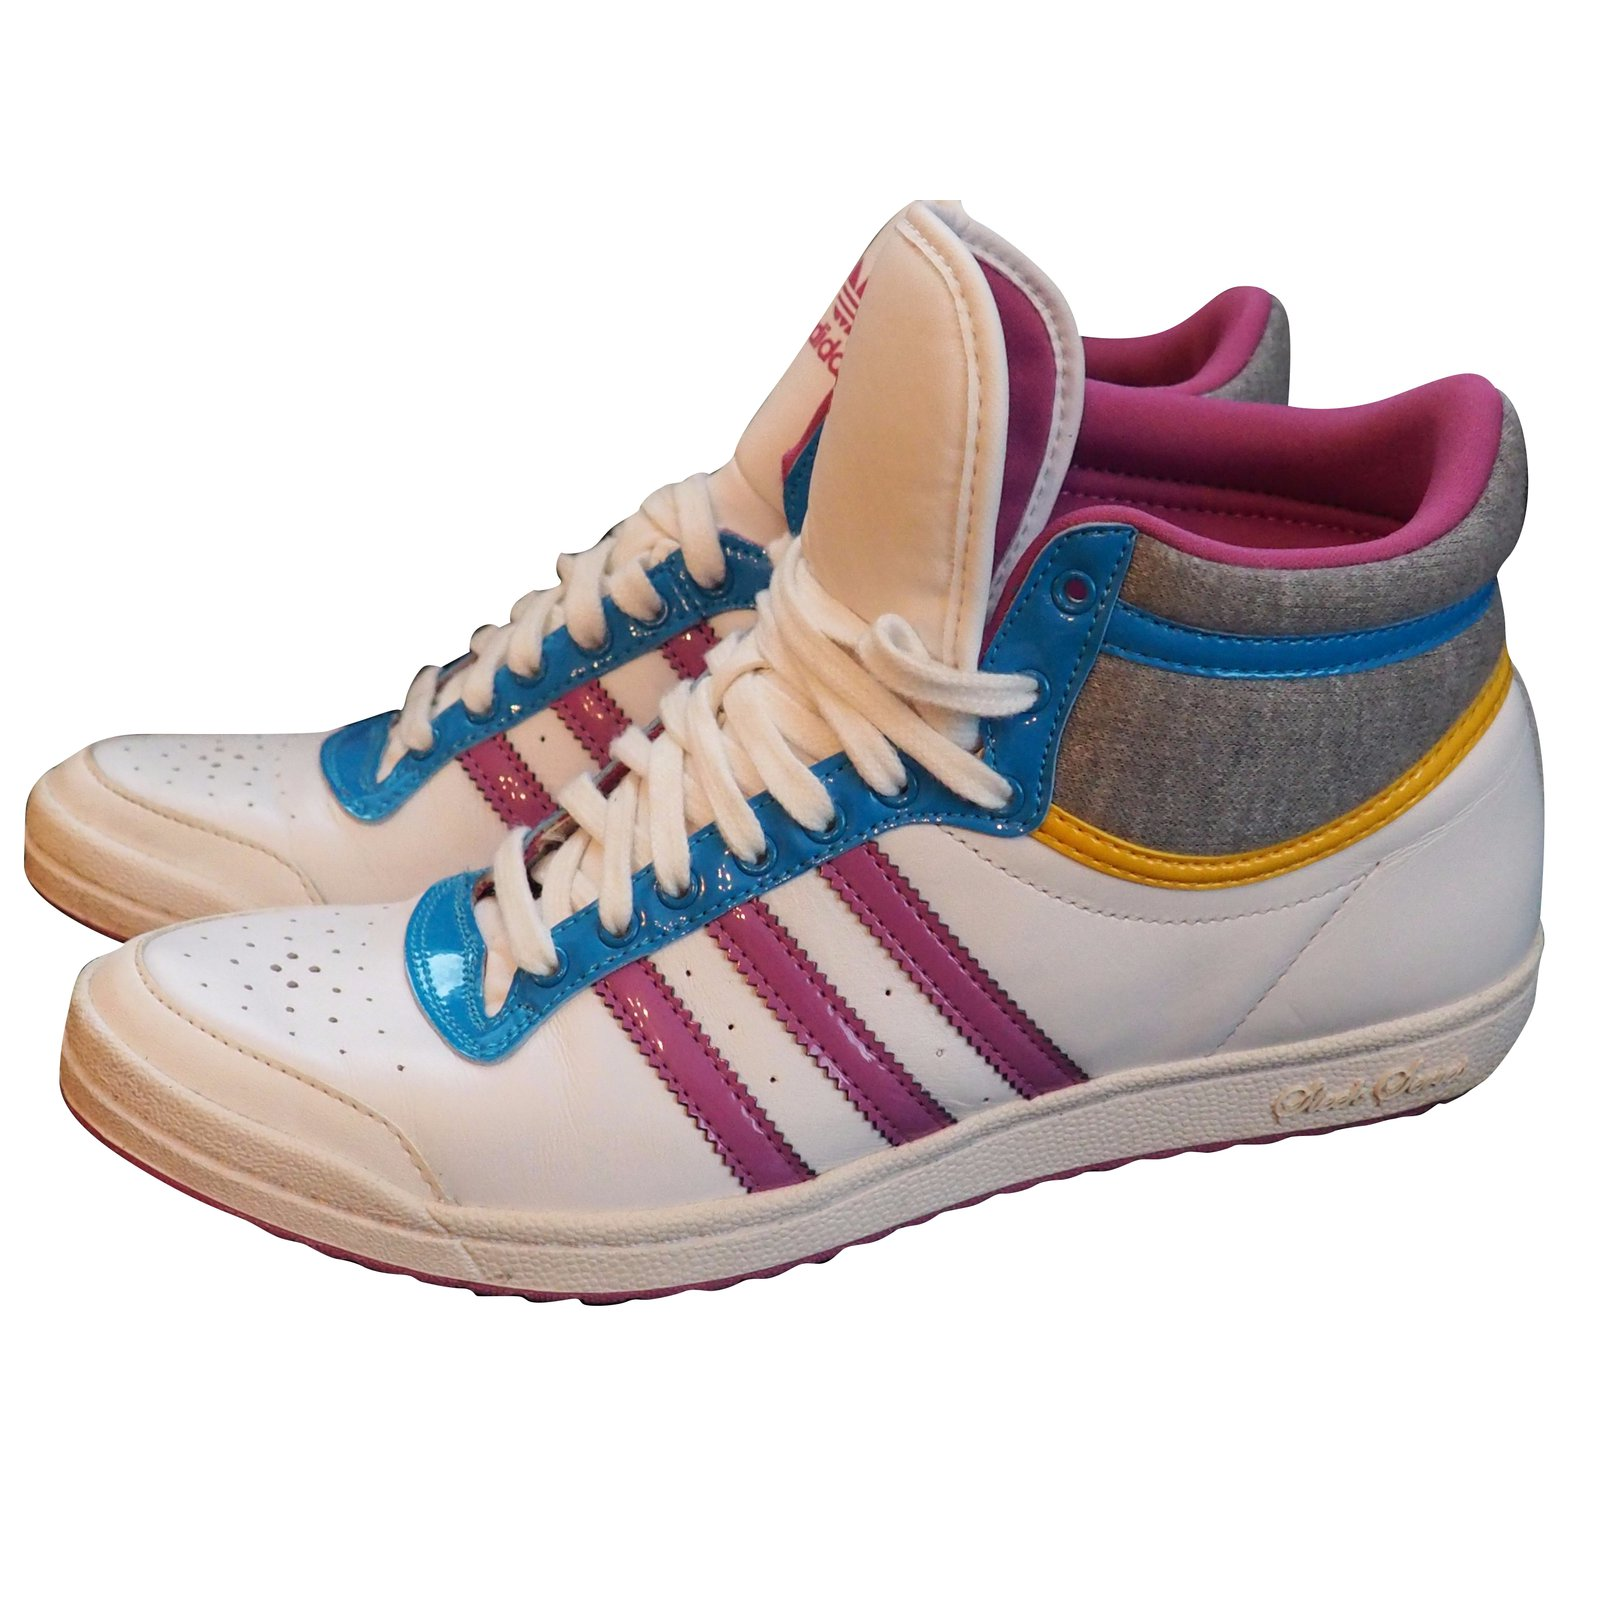 Adidas modèles Sleek Series